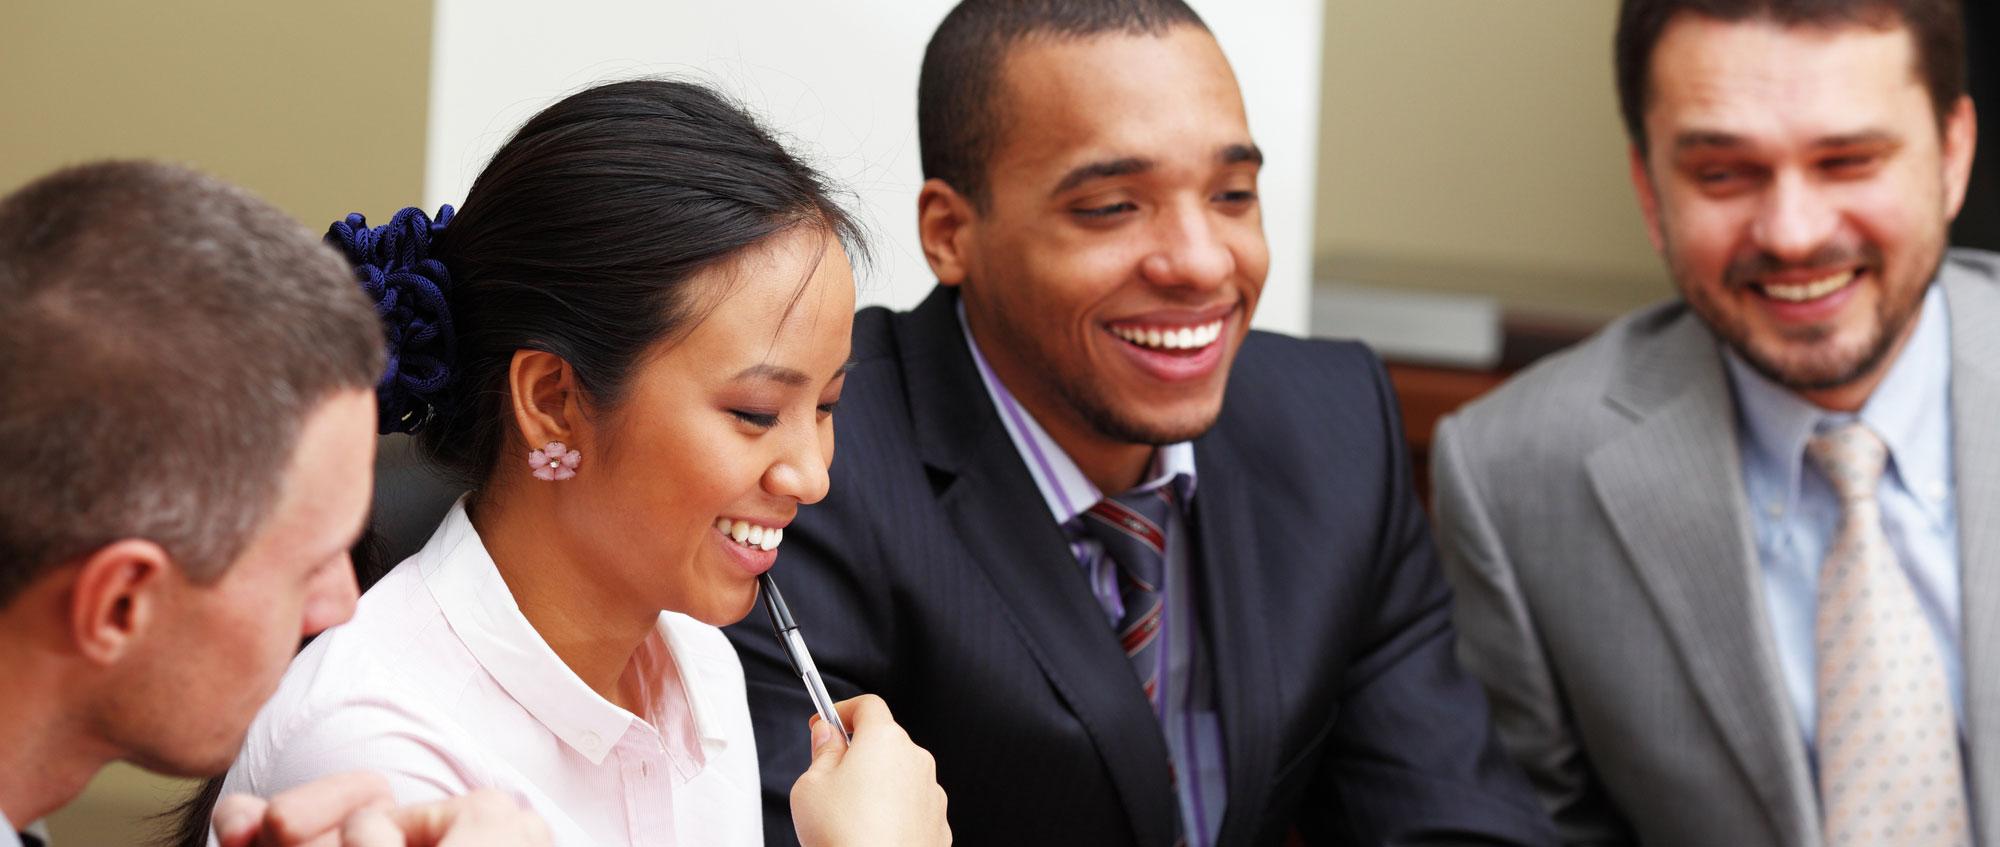 Payroll Services | SuretyHR